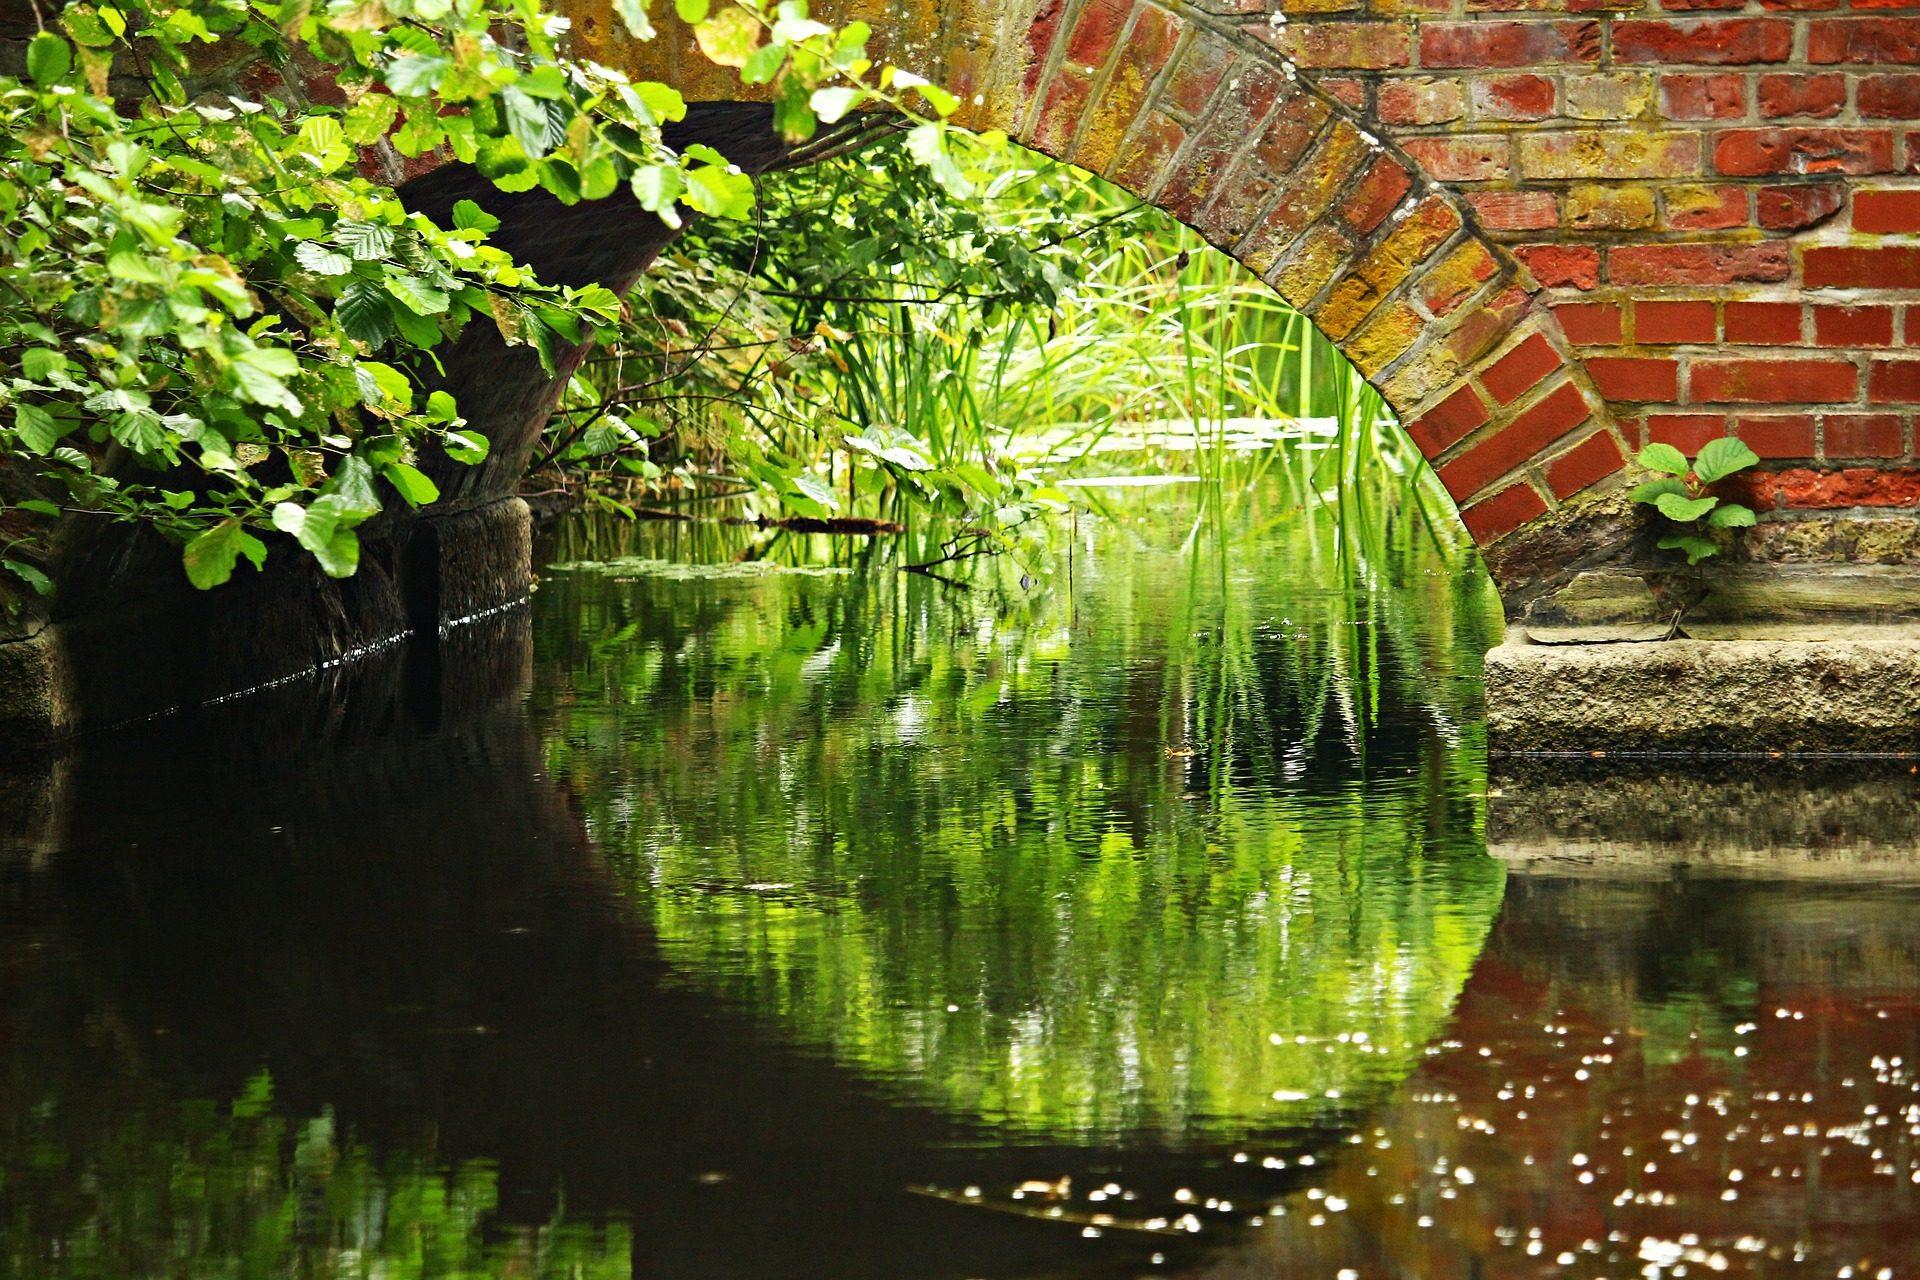 Рио, воды, мост, Кирпич, трава, растения - Обои HD - Профессор falken.com